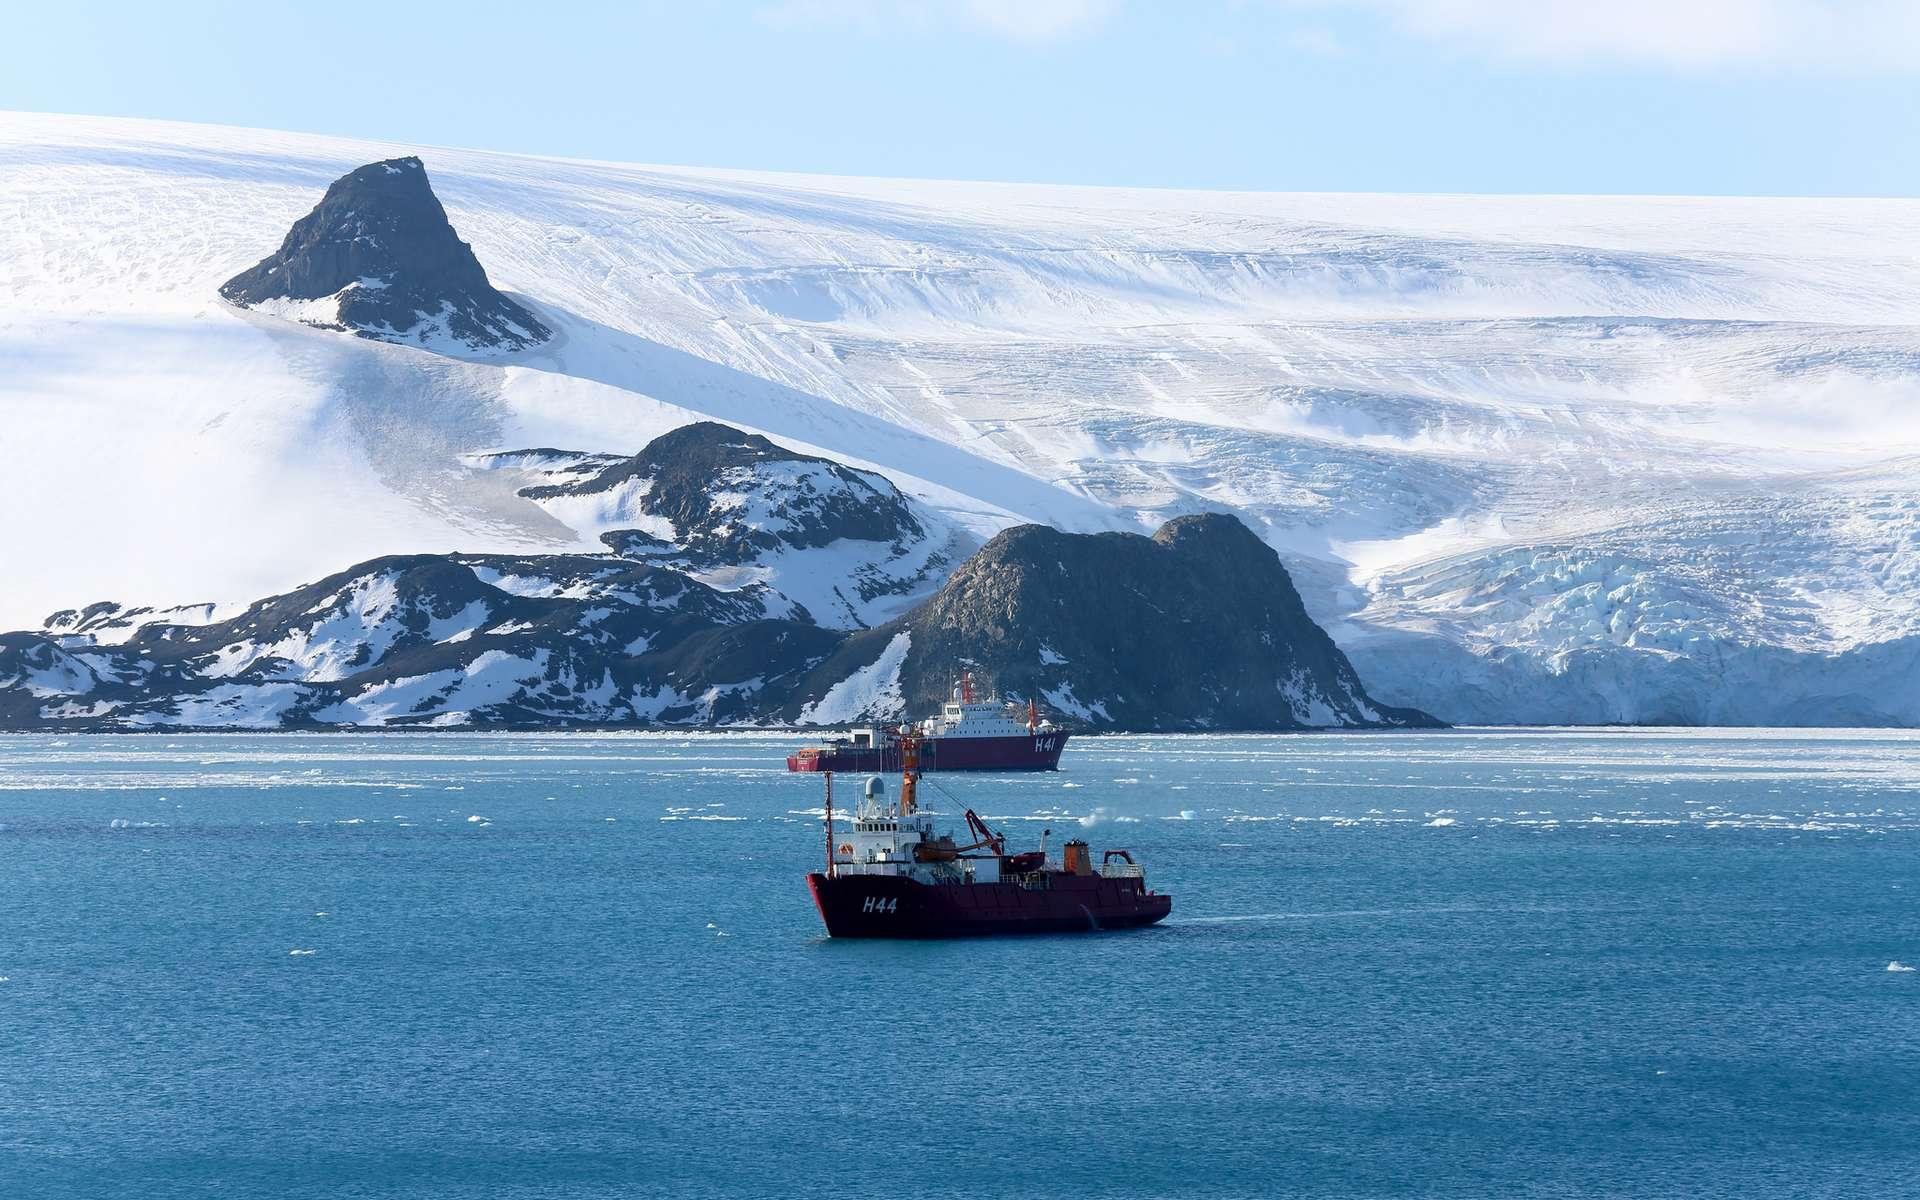 L'Antarctique, un mur de glace infranchissable selon la théorie de la Terre plate. © Marine du Brésil, Flickr